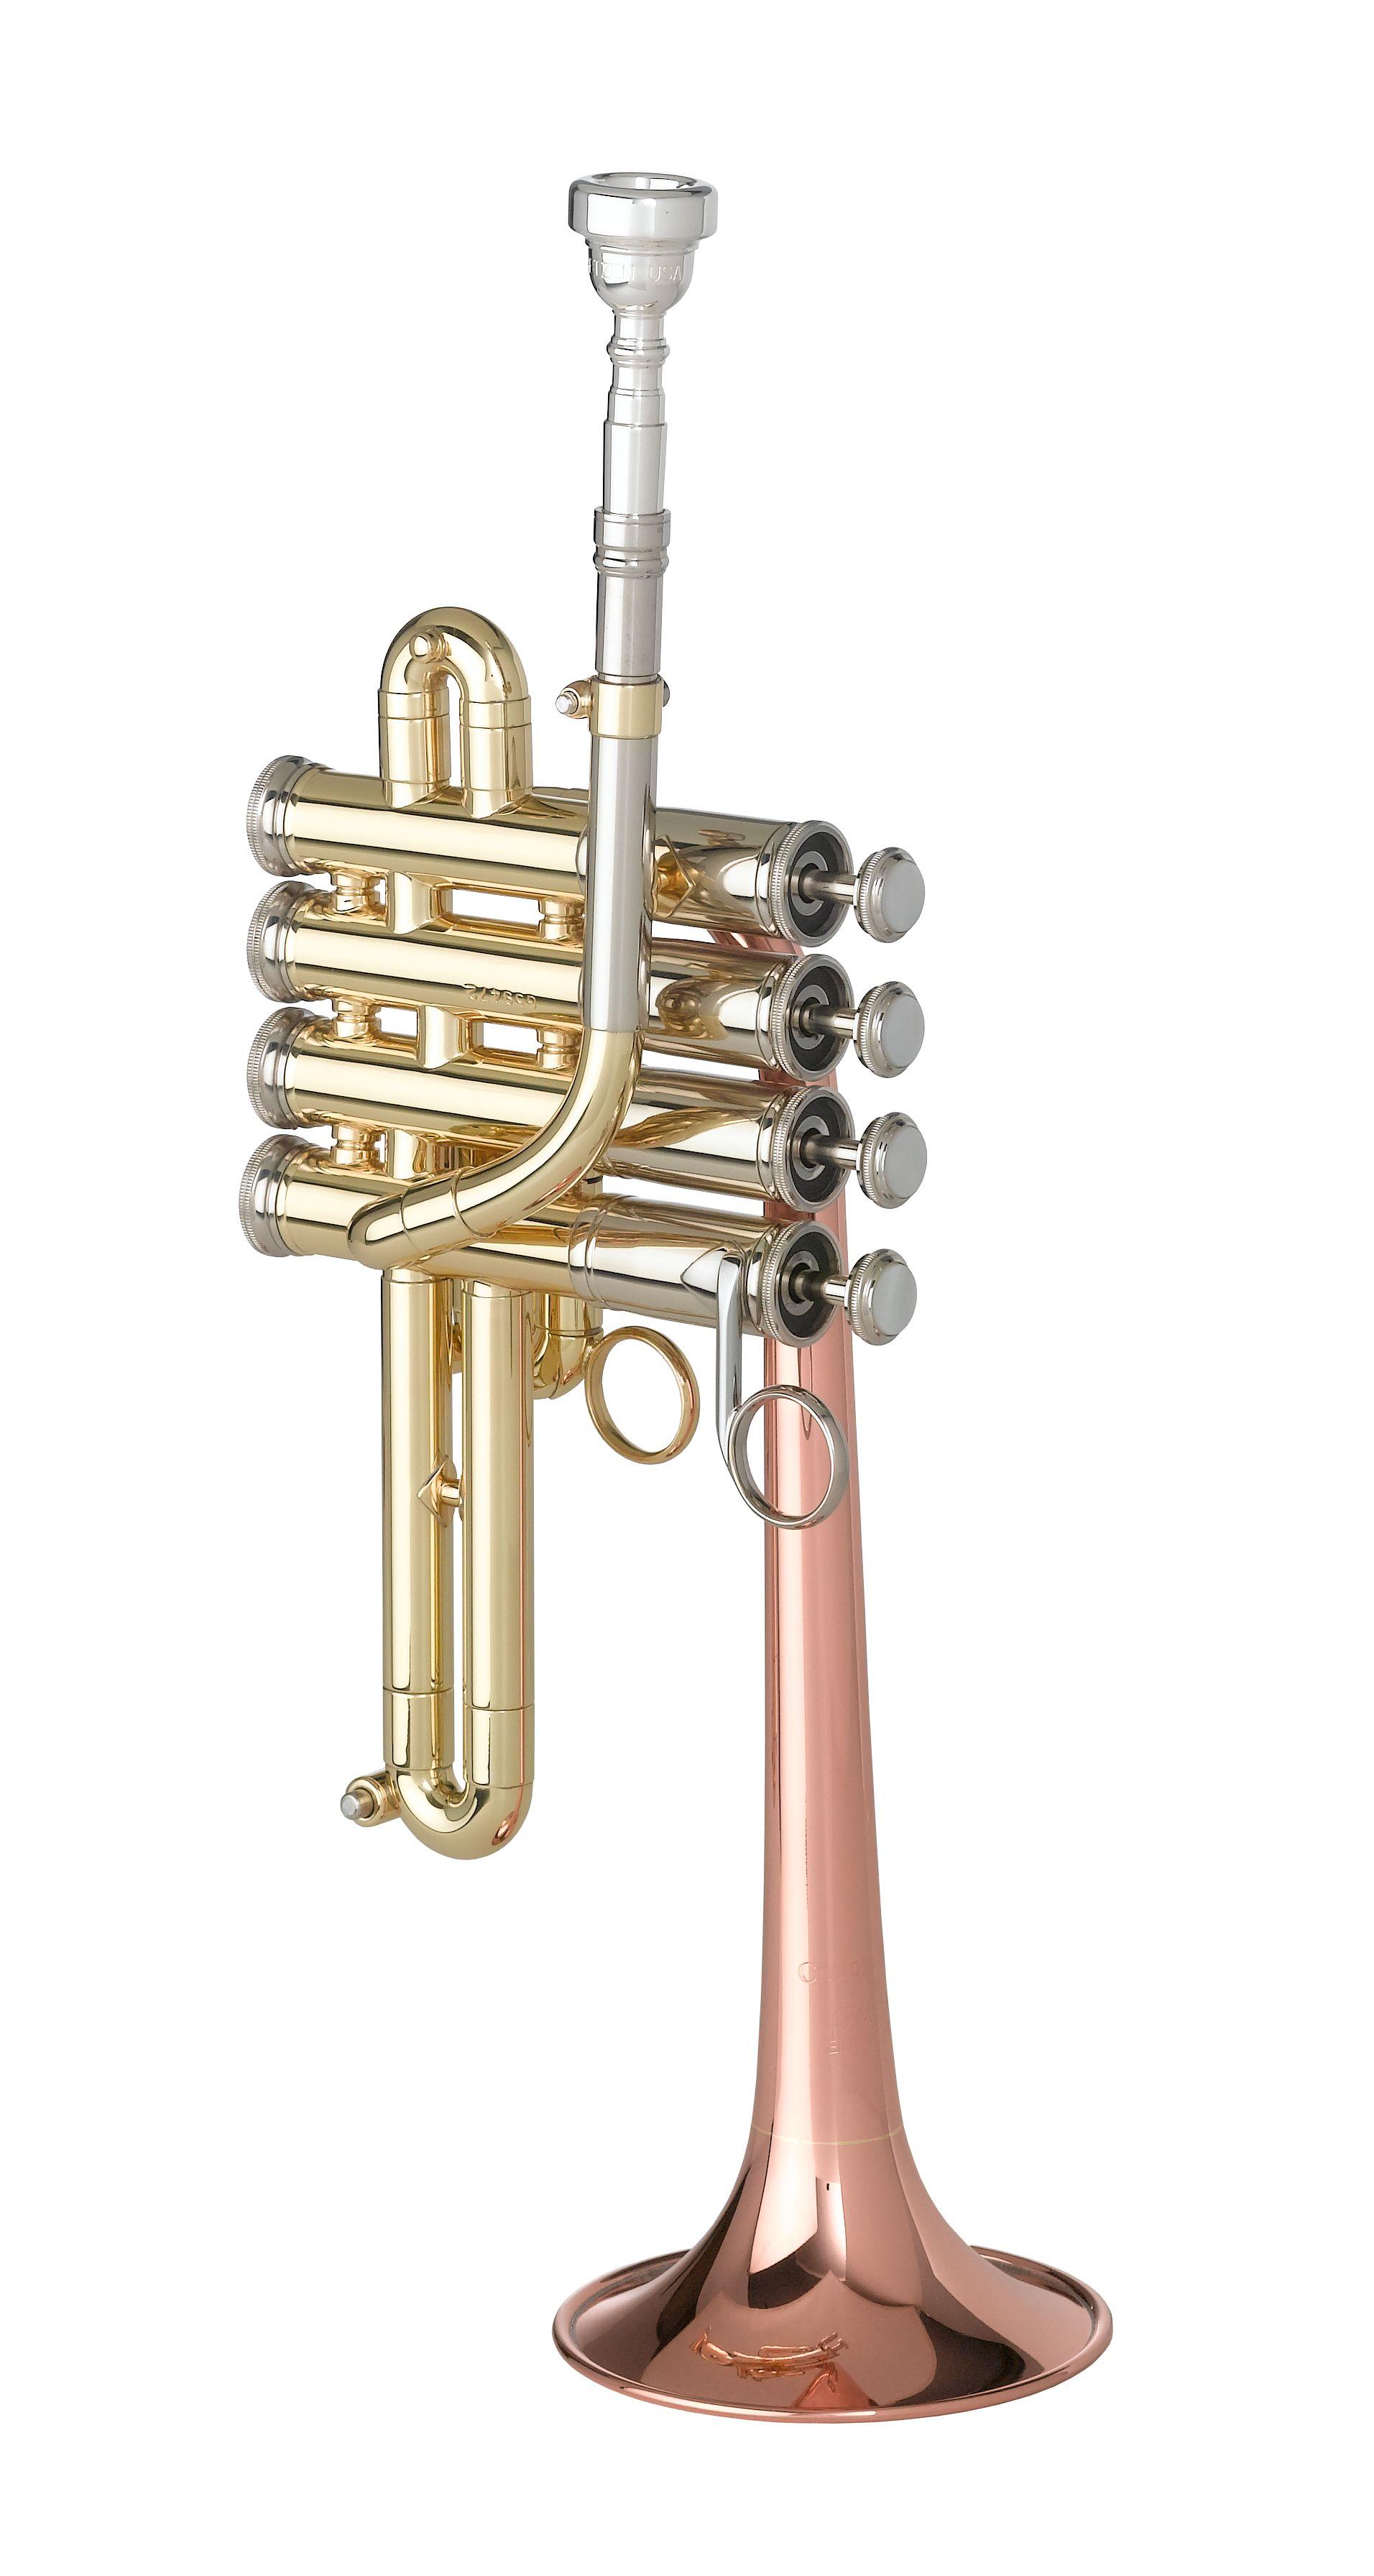 Getzen - 3916 - Blechblasinstrumente - Trompeten mit Perinet-Ventilen | MUSIK BERTRAM Deutschland Freiburg